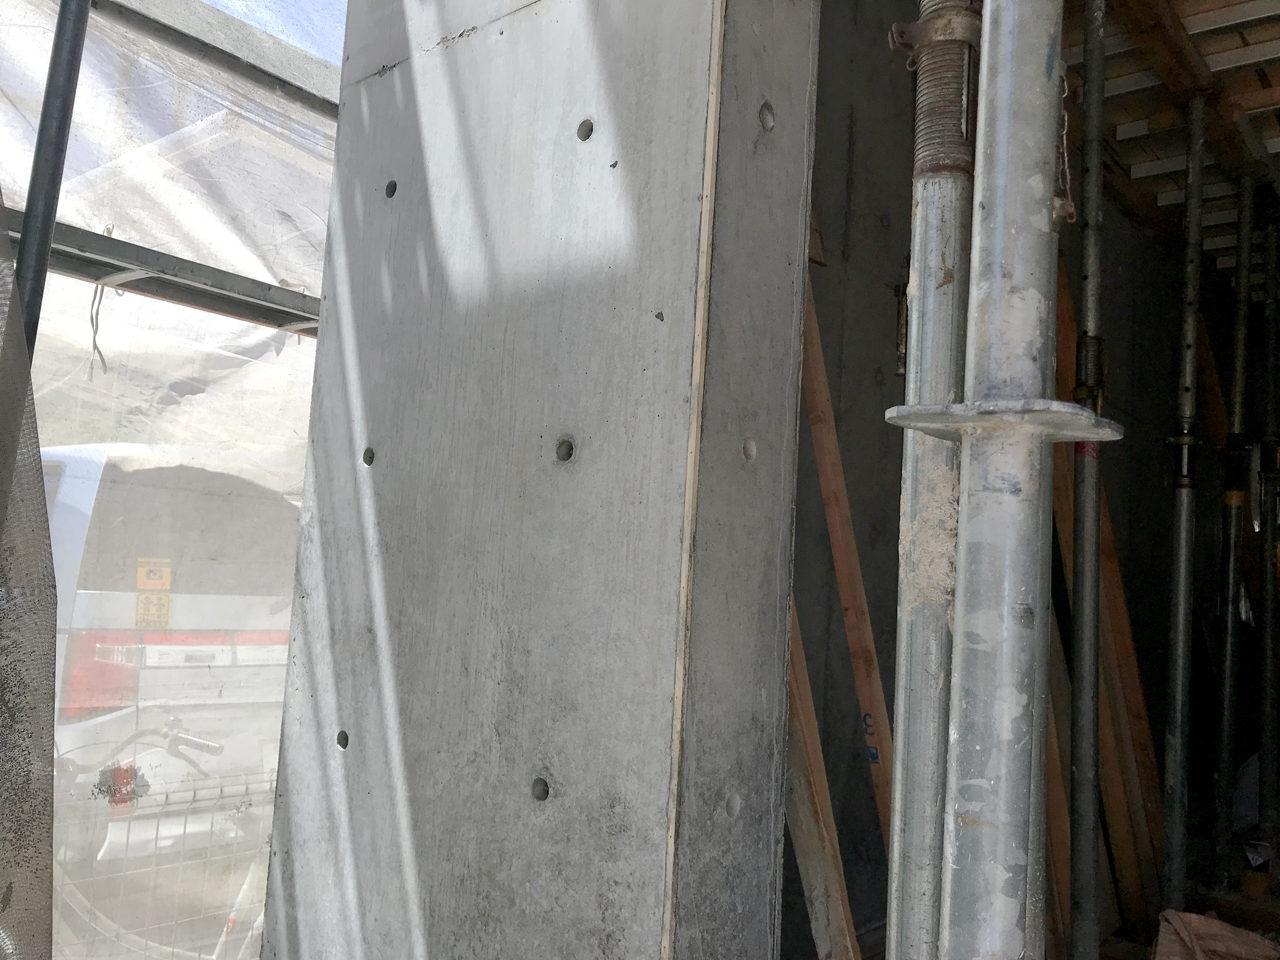 新築設計をした鉄筋コンクリート打ち放しワンルームデザイナーズ賃貸マンションの型枠解体